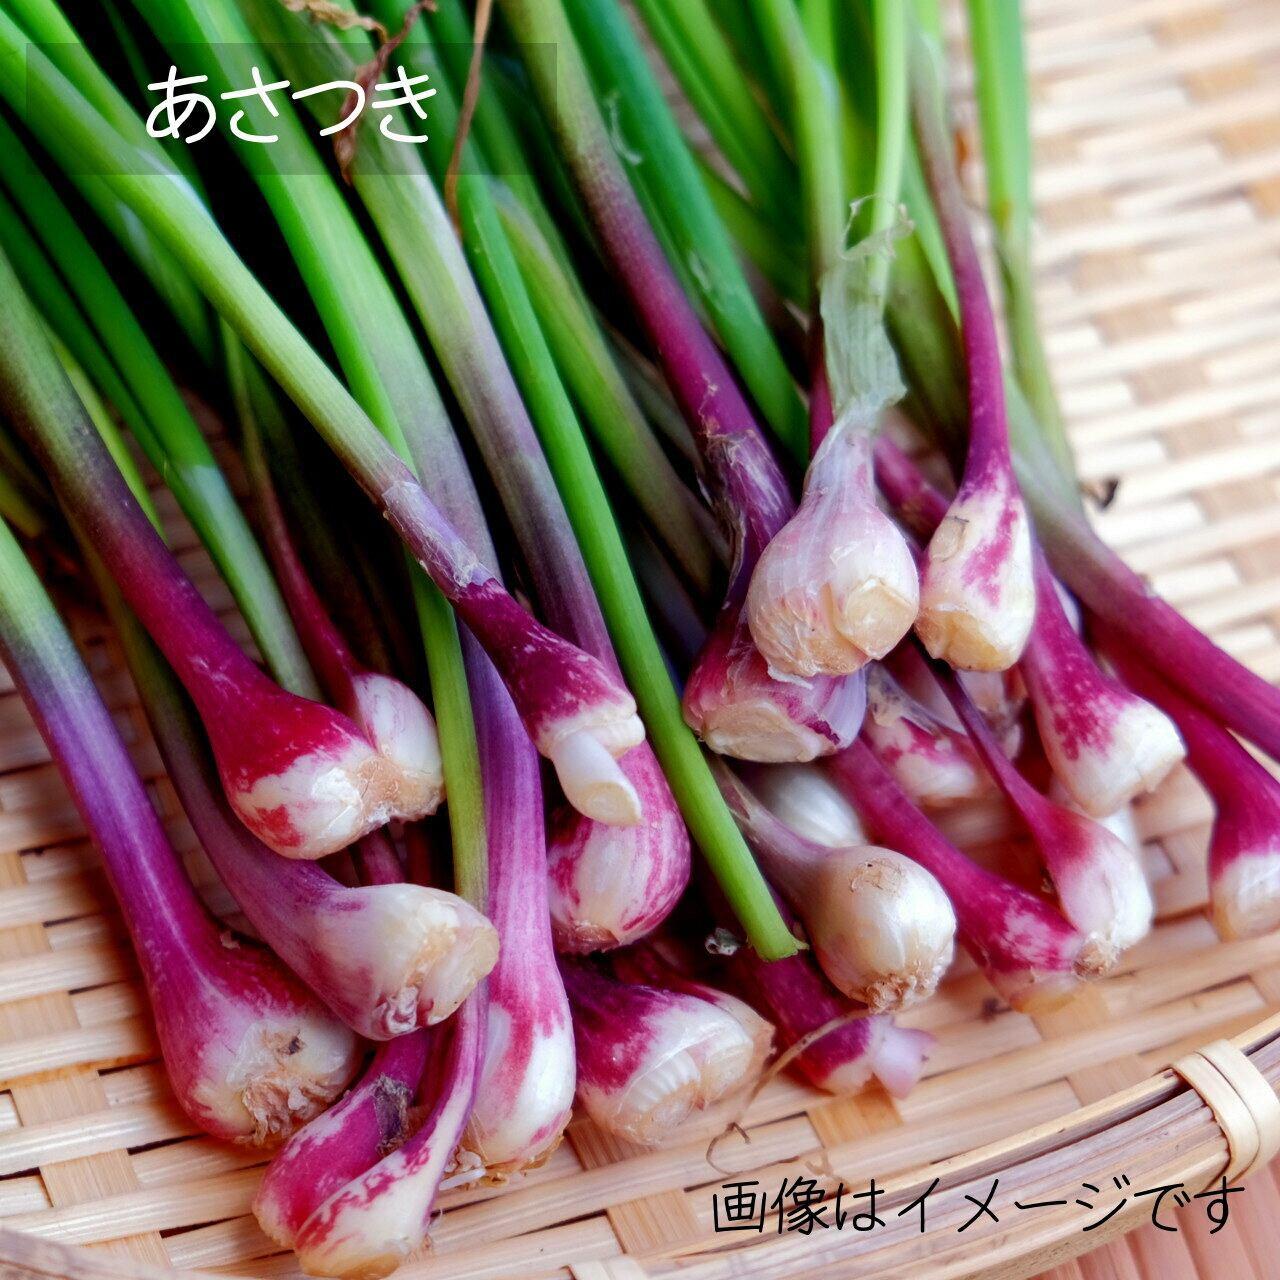 5月の朝採り直売野菜 あさつき 新鮮な春野菜 5月2日発送予定